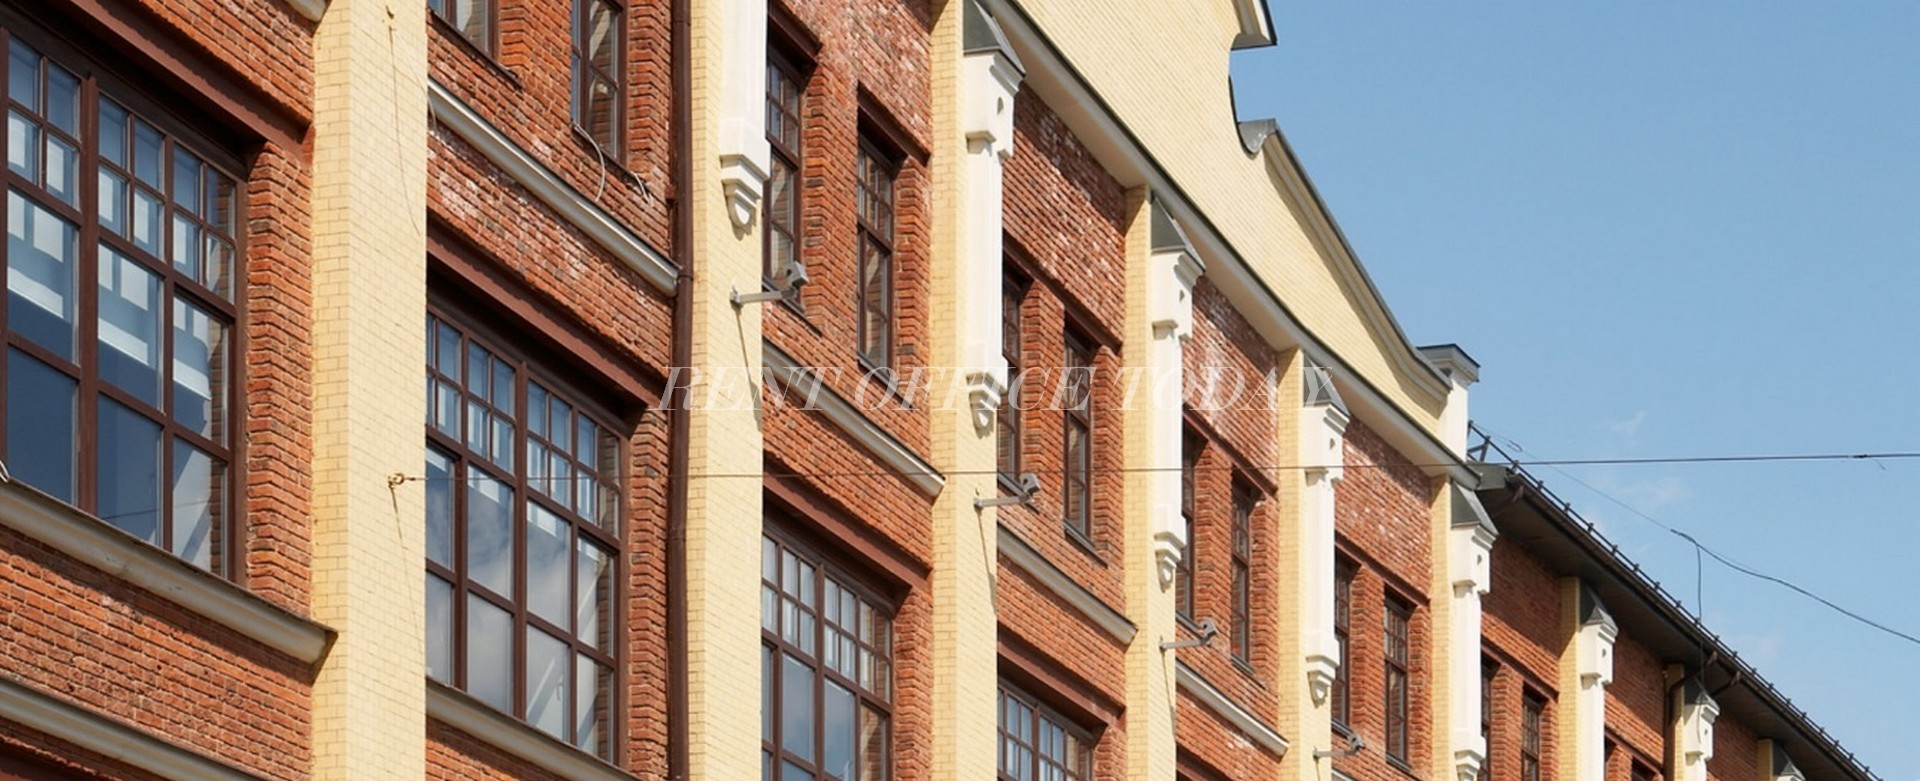 location de bureau stanislavsky factory-5